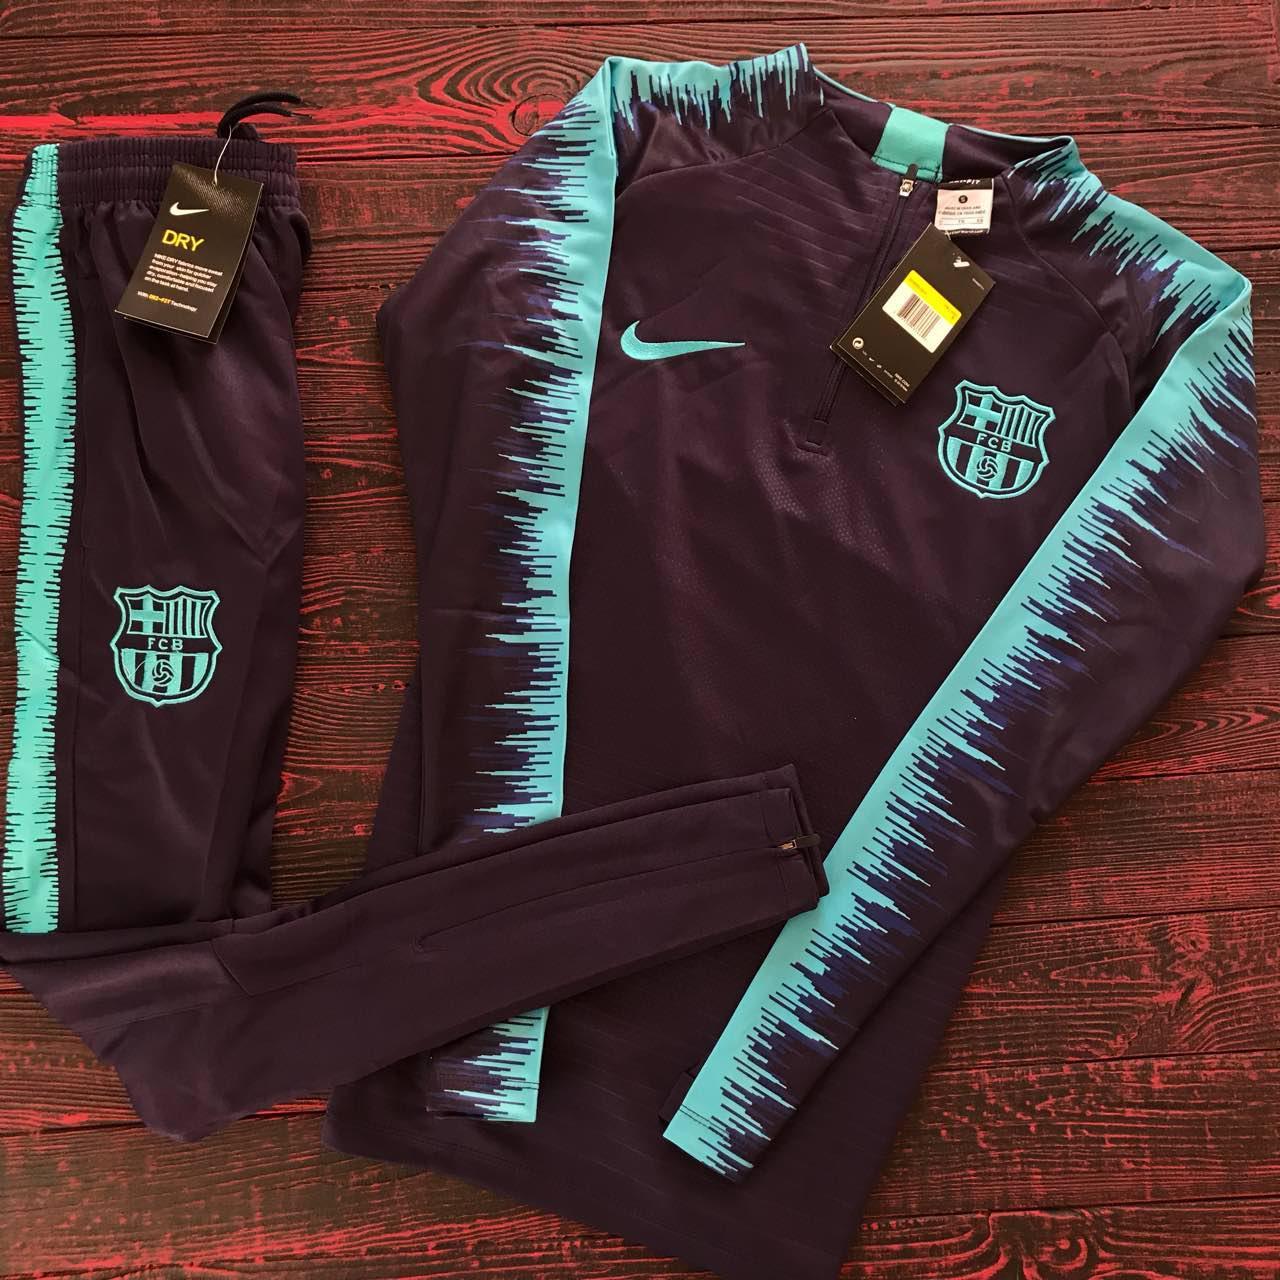 001aba47ce48 Спортивный (тренировочный ) костюм Барселона (Barcelona) 2018 2019 сезон -  Sport Exclusive